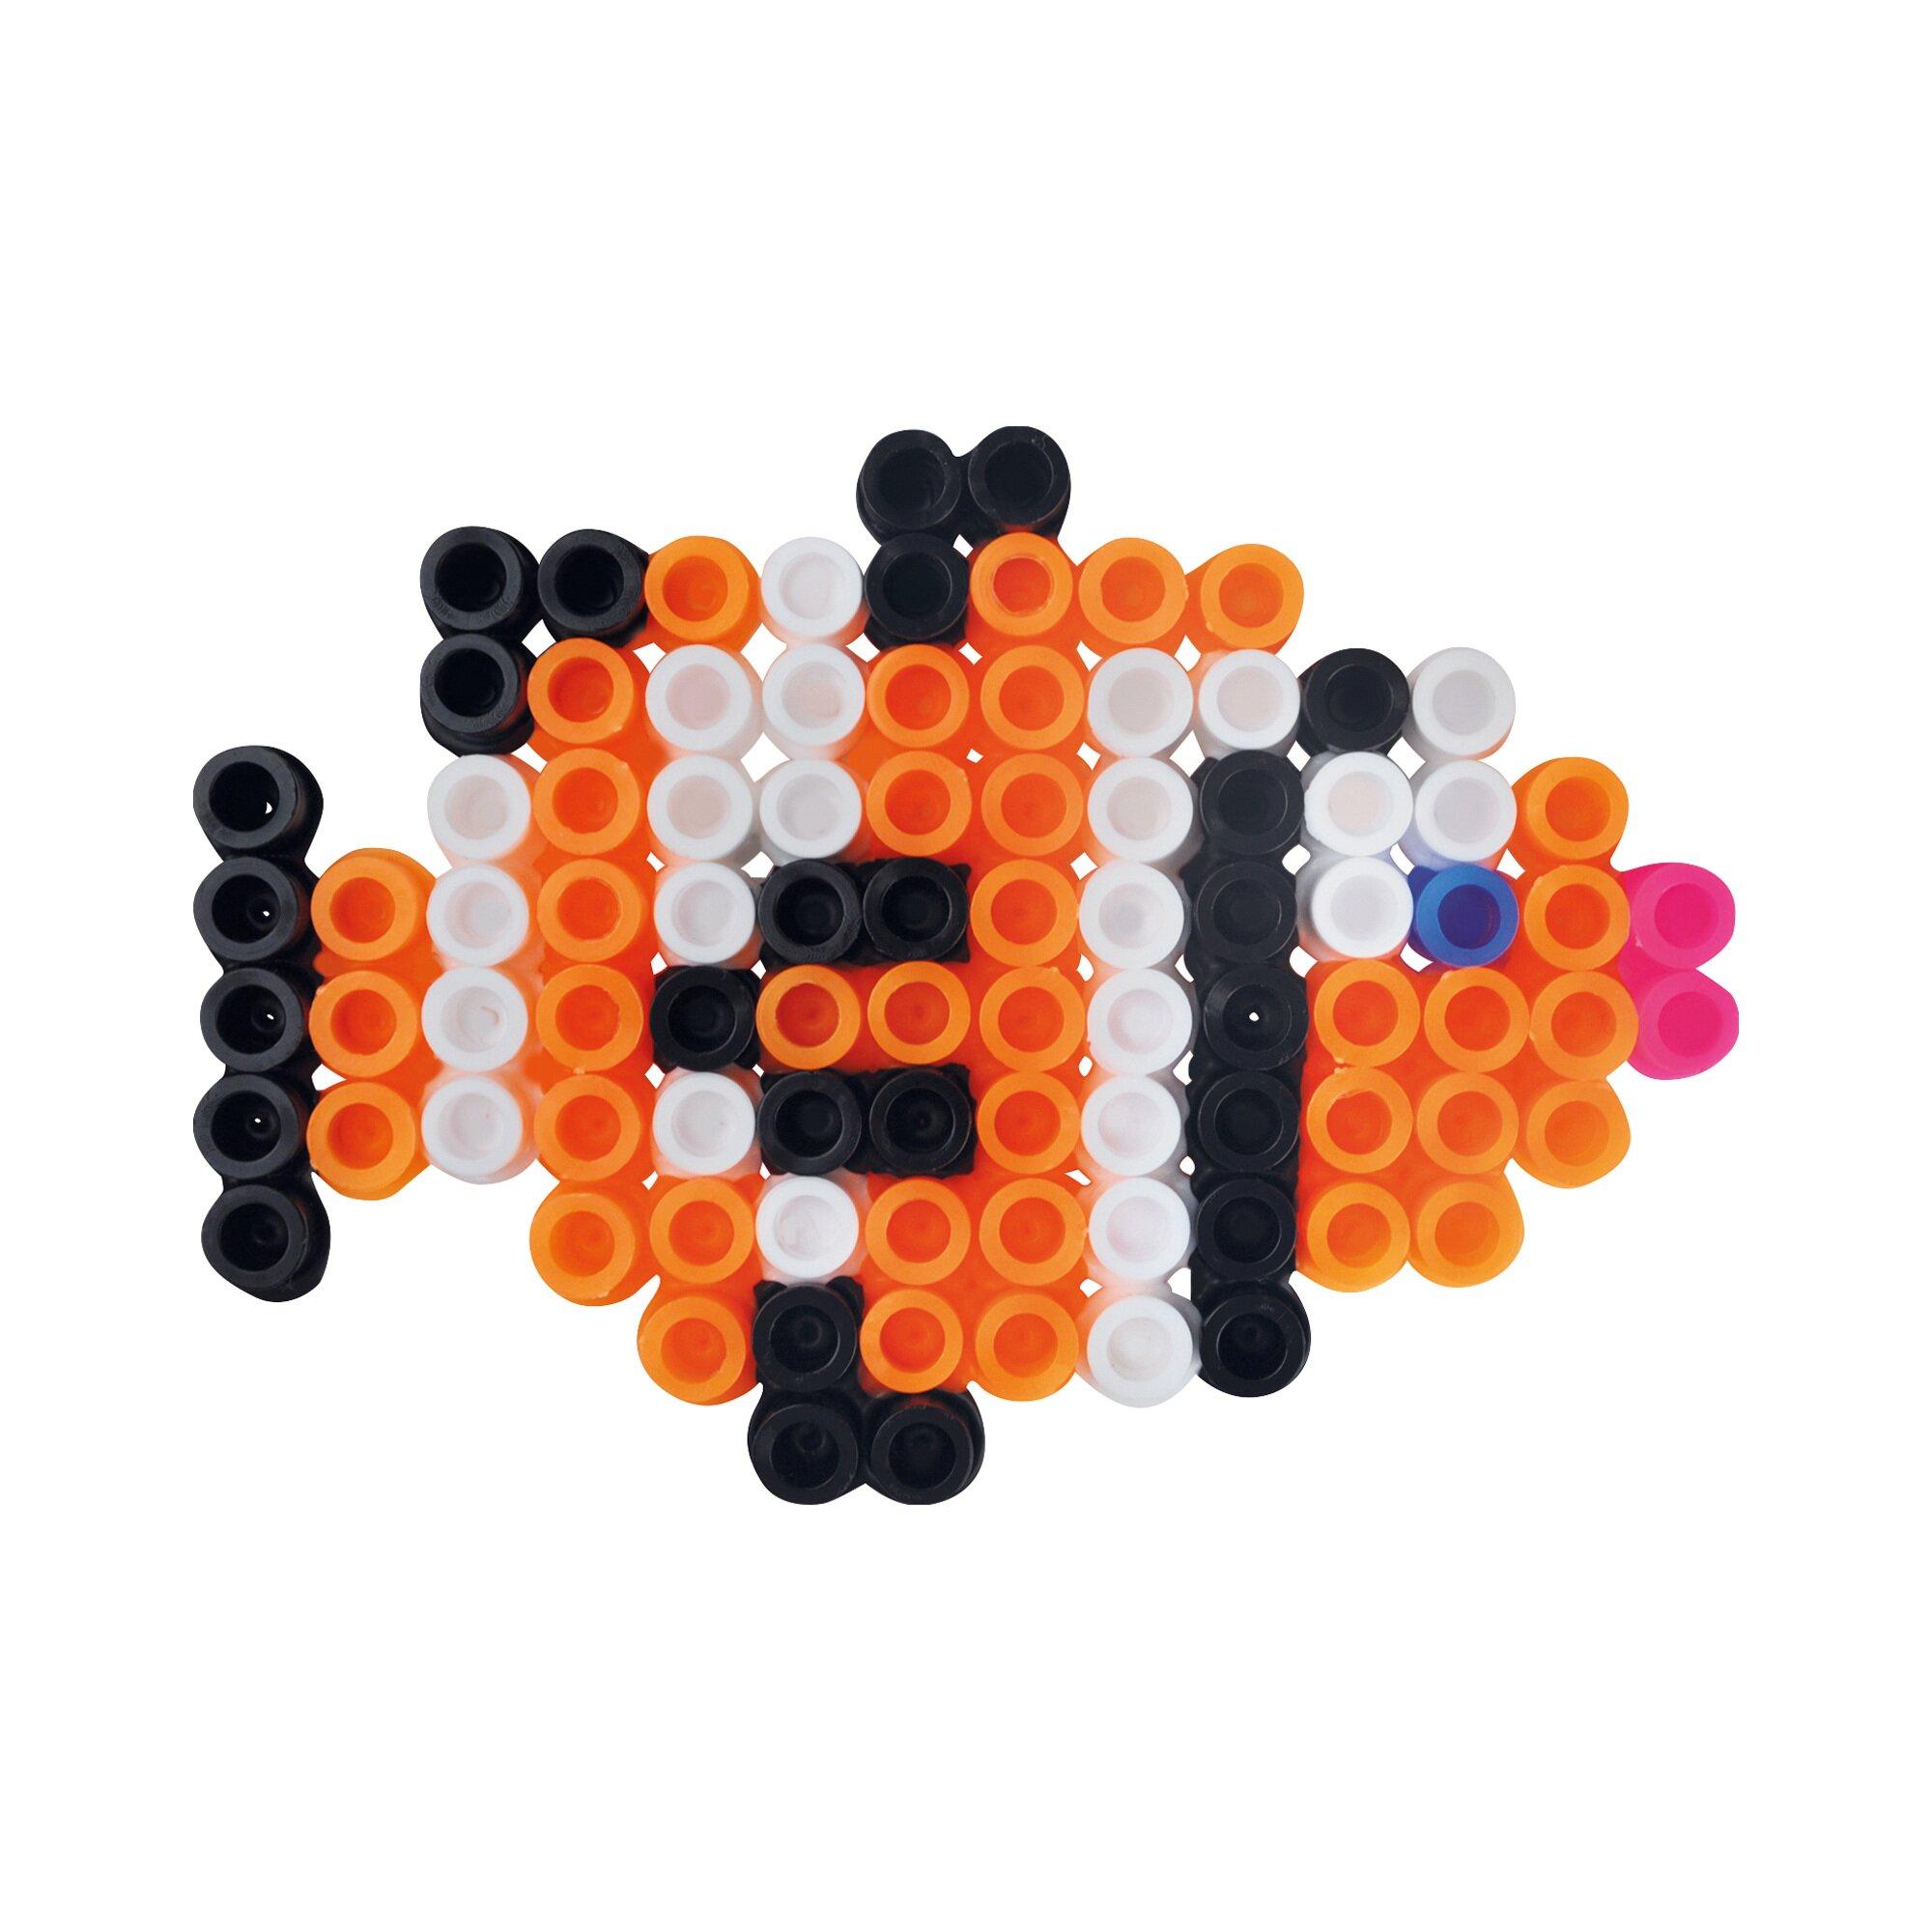 playbox-bugelperlen-set-xl-schmetterling-fisch-250-perlen